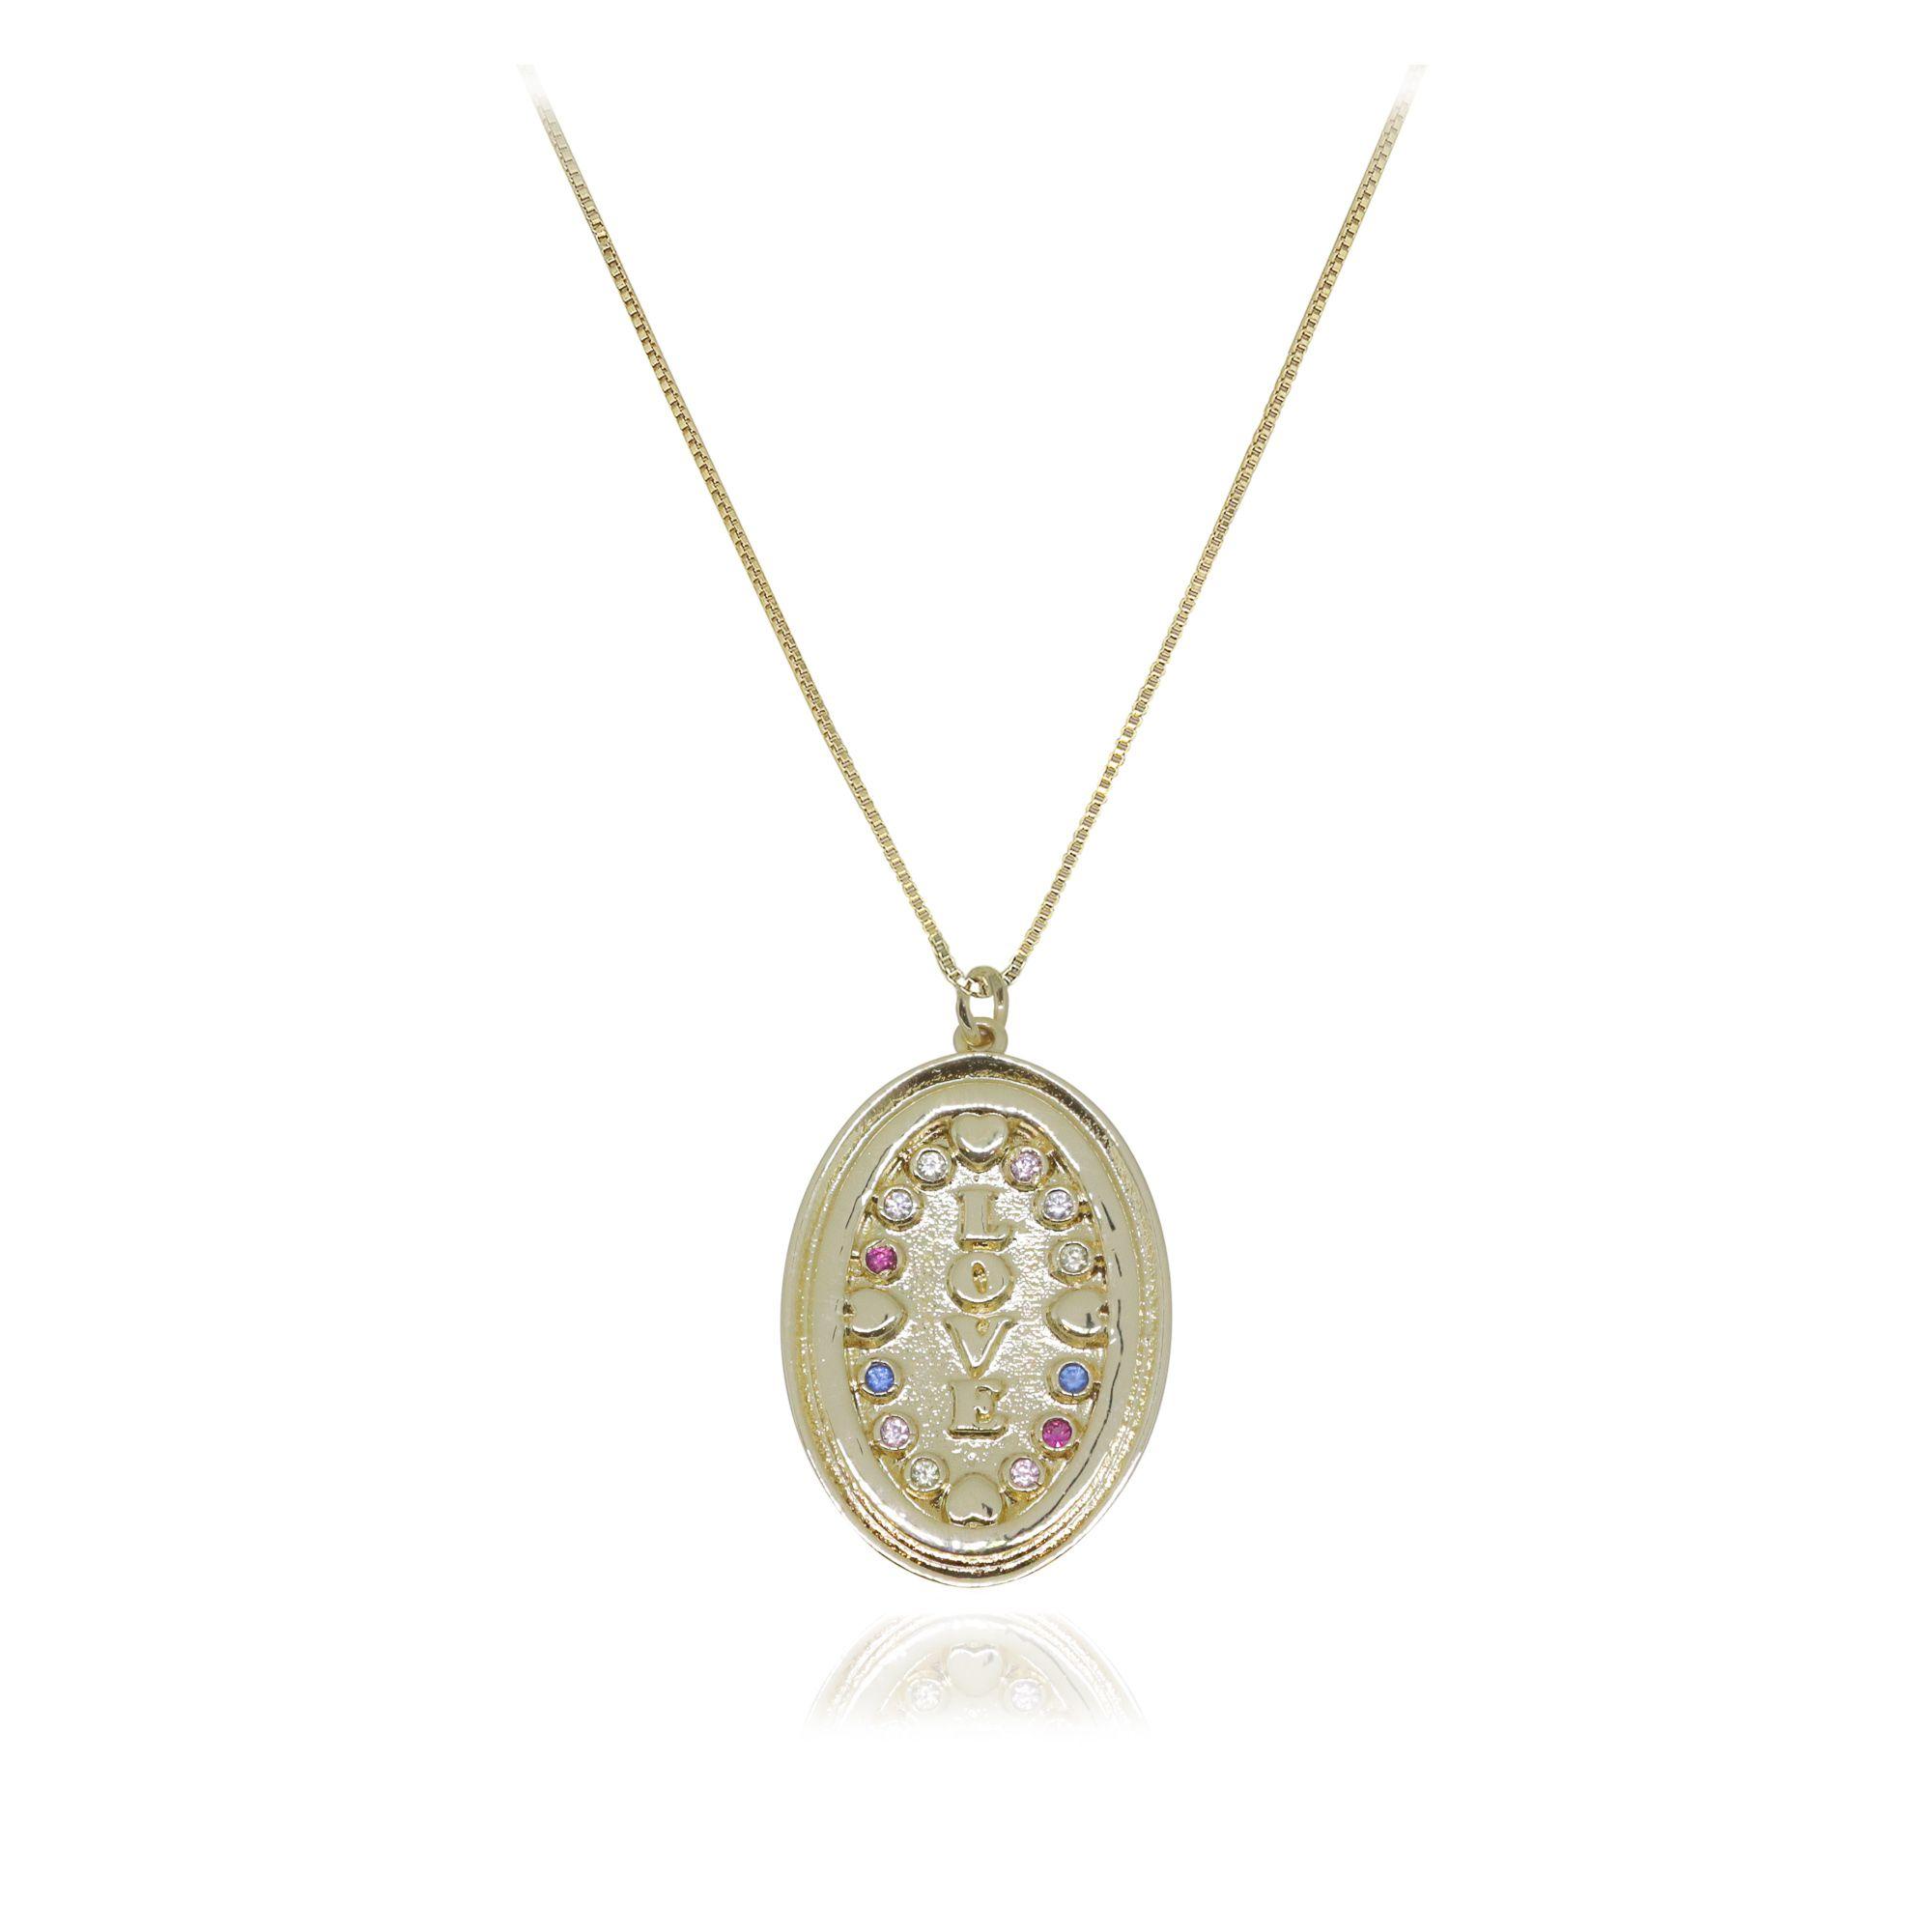 Gargantilha Semi joia Placas Imagine Love com zircônia e banhada a ouro 18k ou rhodium